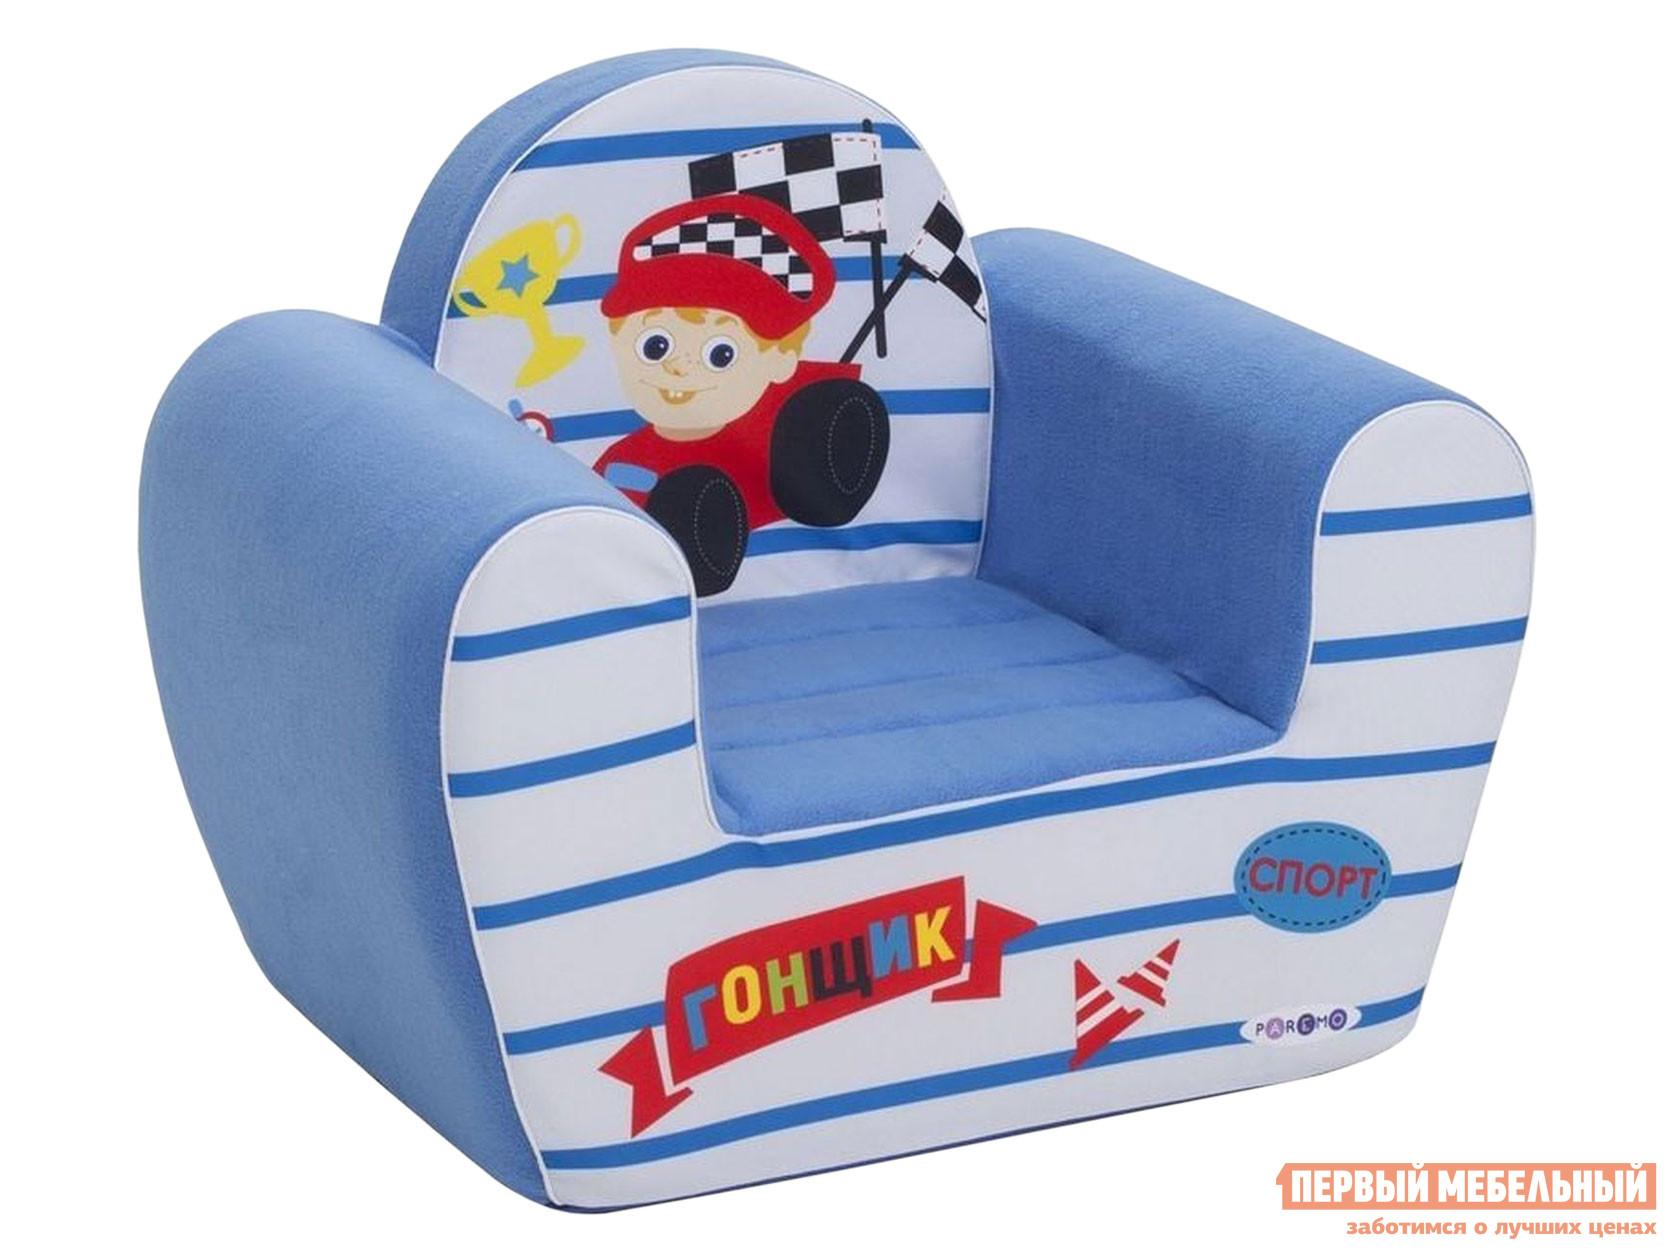 Кресло-игрушка ПАРЕМО ООО Кресло-игрушка серии Экшен